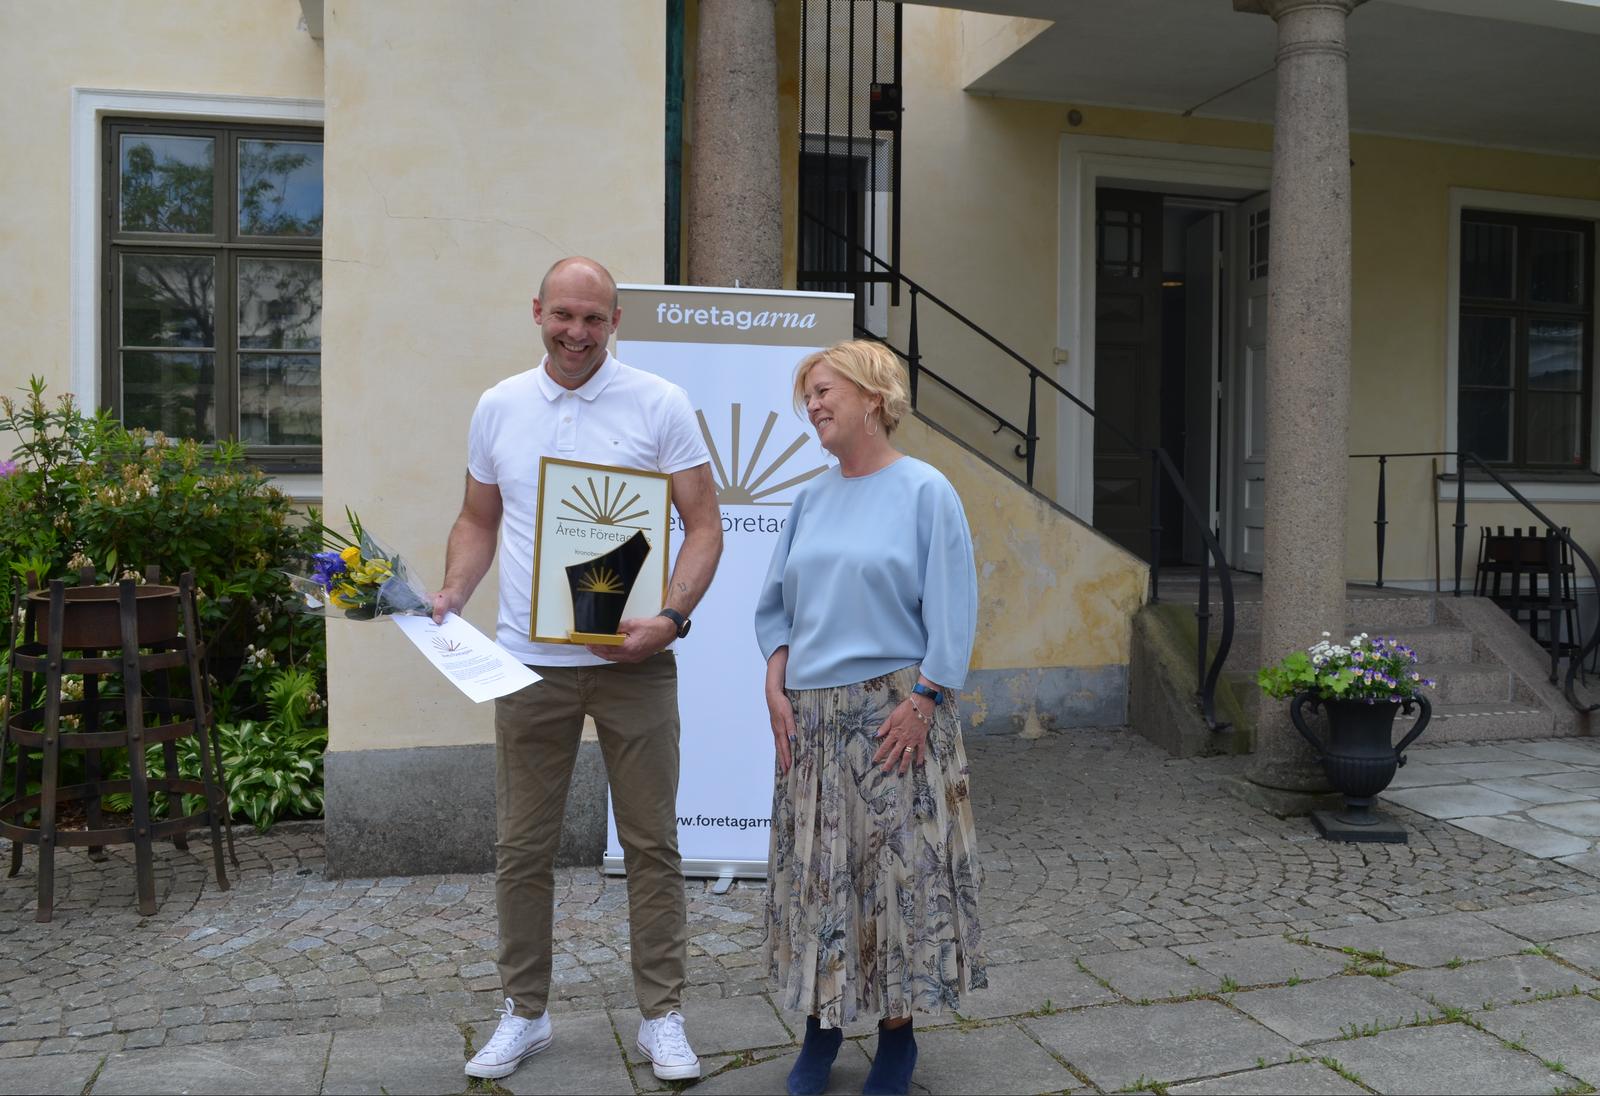 Ulf Åström tog emot priset som Årets företaget från landshövding Maria Arnholm.